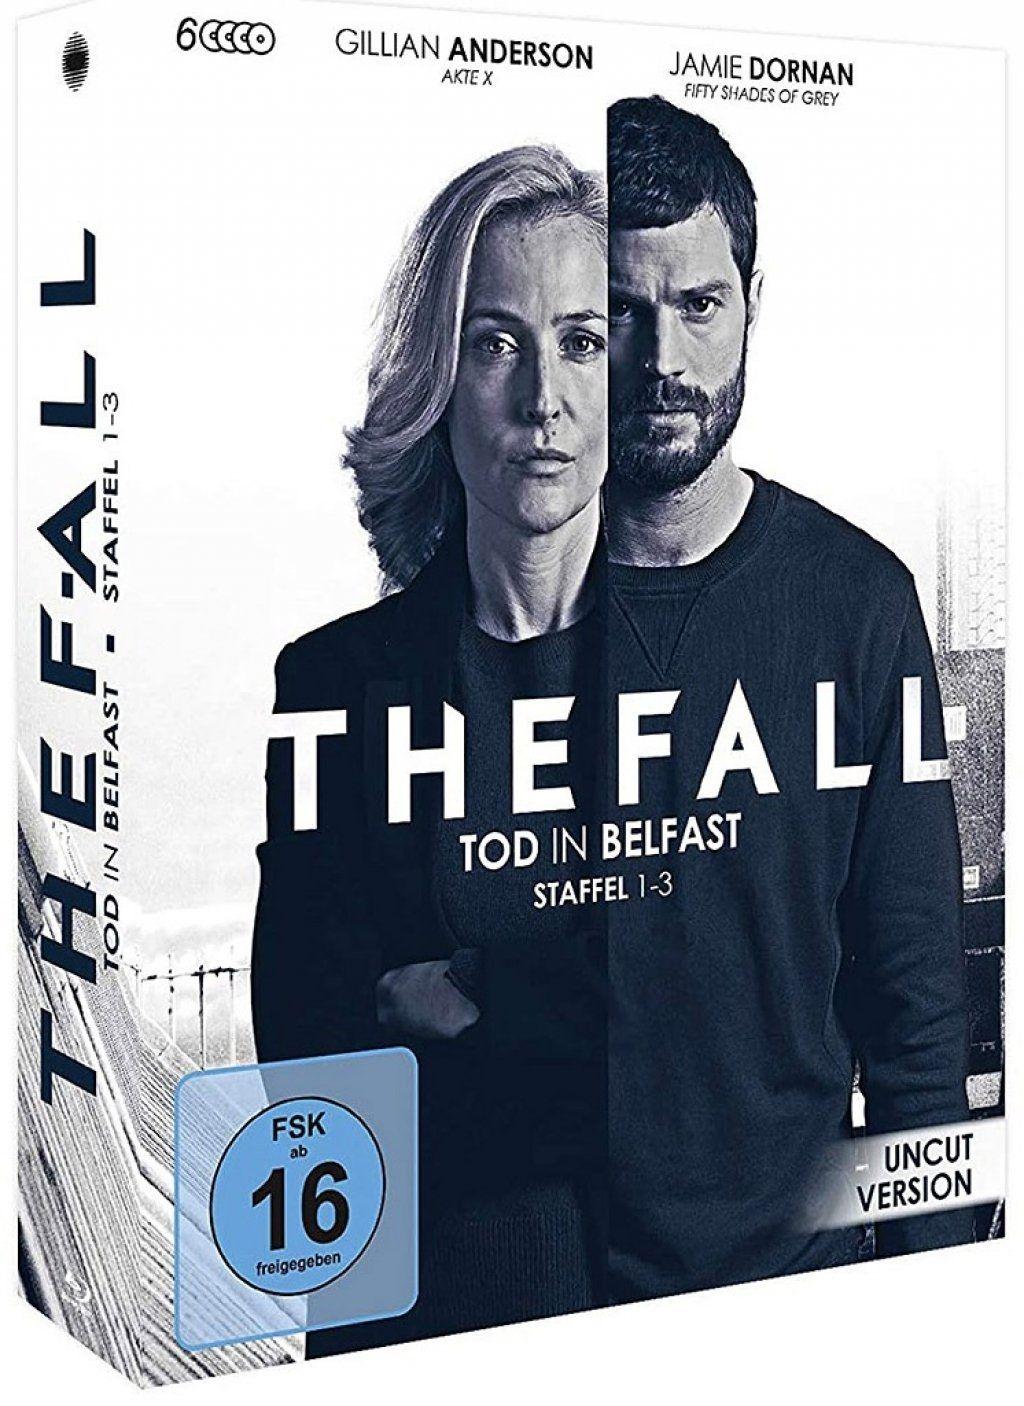 Fall, The - Tod in Belfast - Staffel 1-3 (6 Discs) (BLURAY)